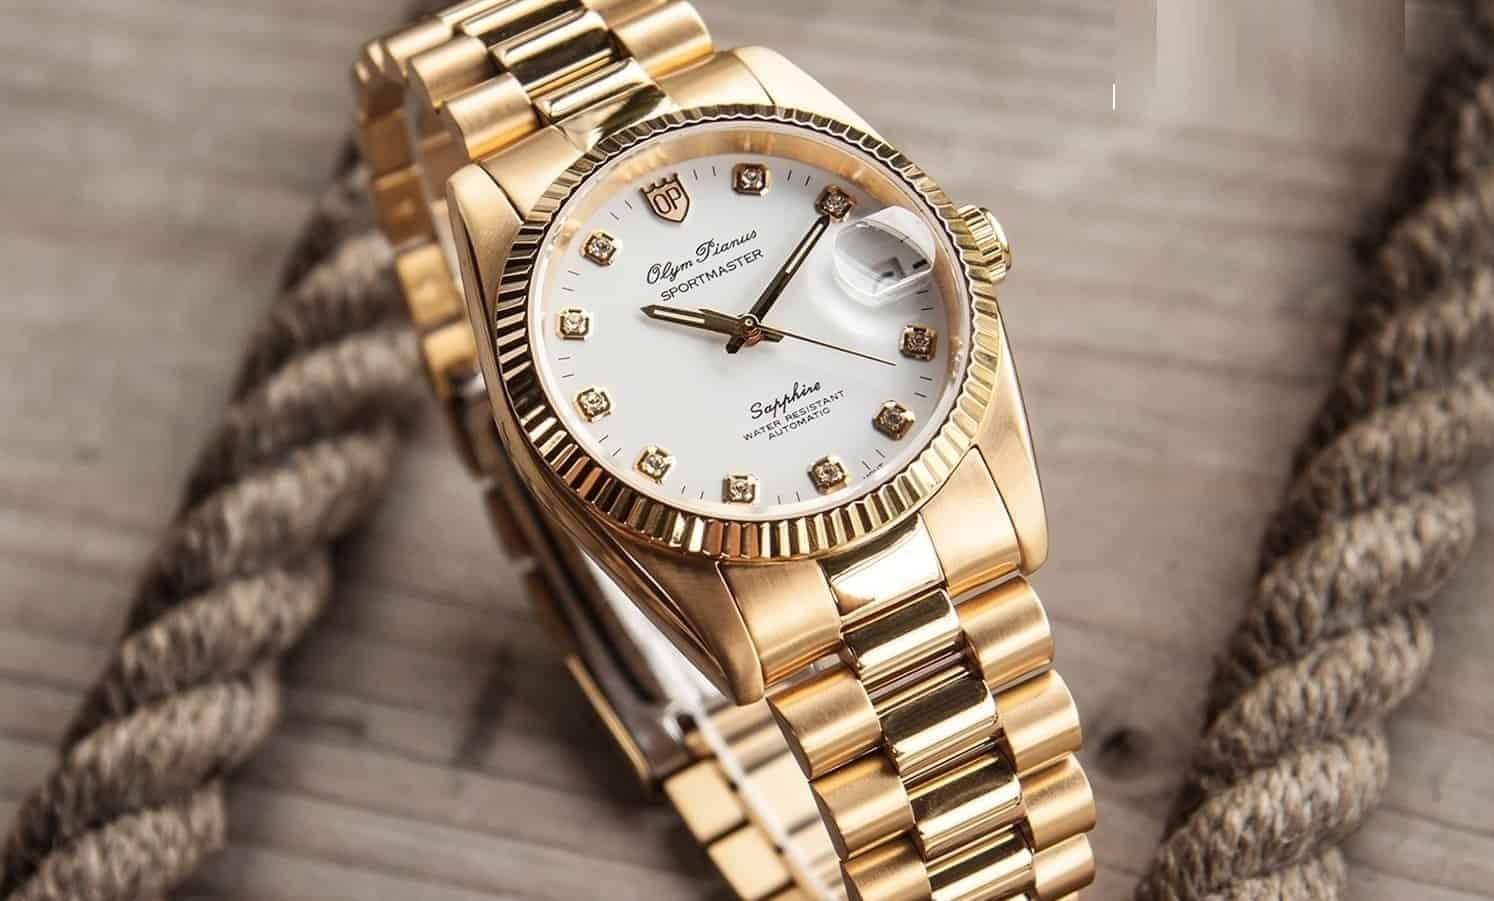 Đồng hồ OP giống Rolex - Top 3 sự lựa chọn thay thế hoàn hảo